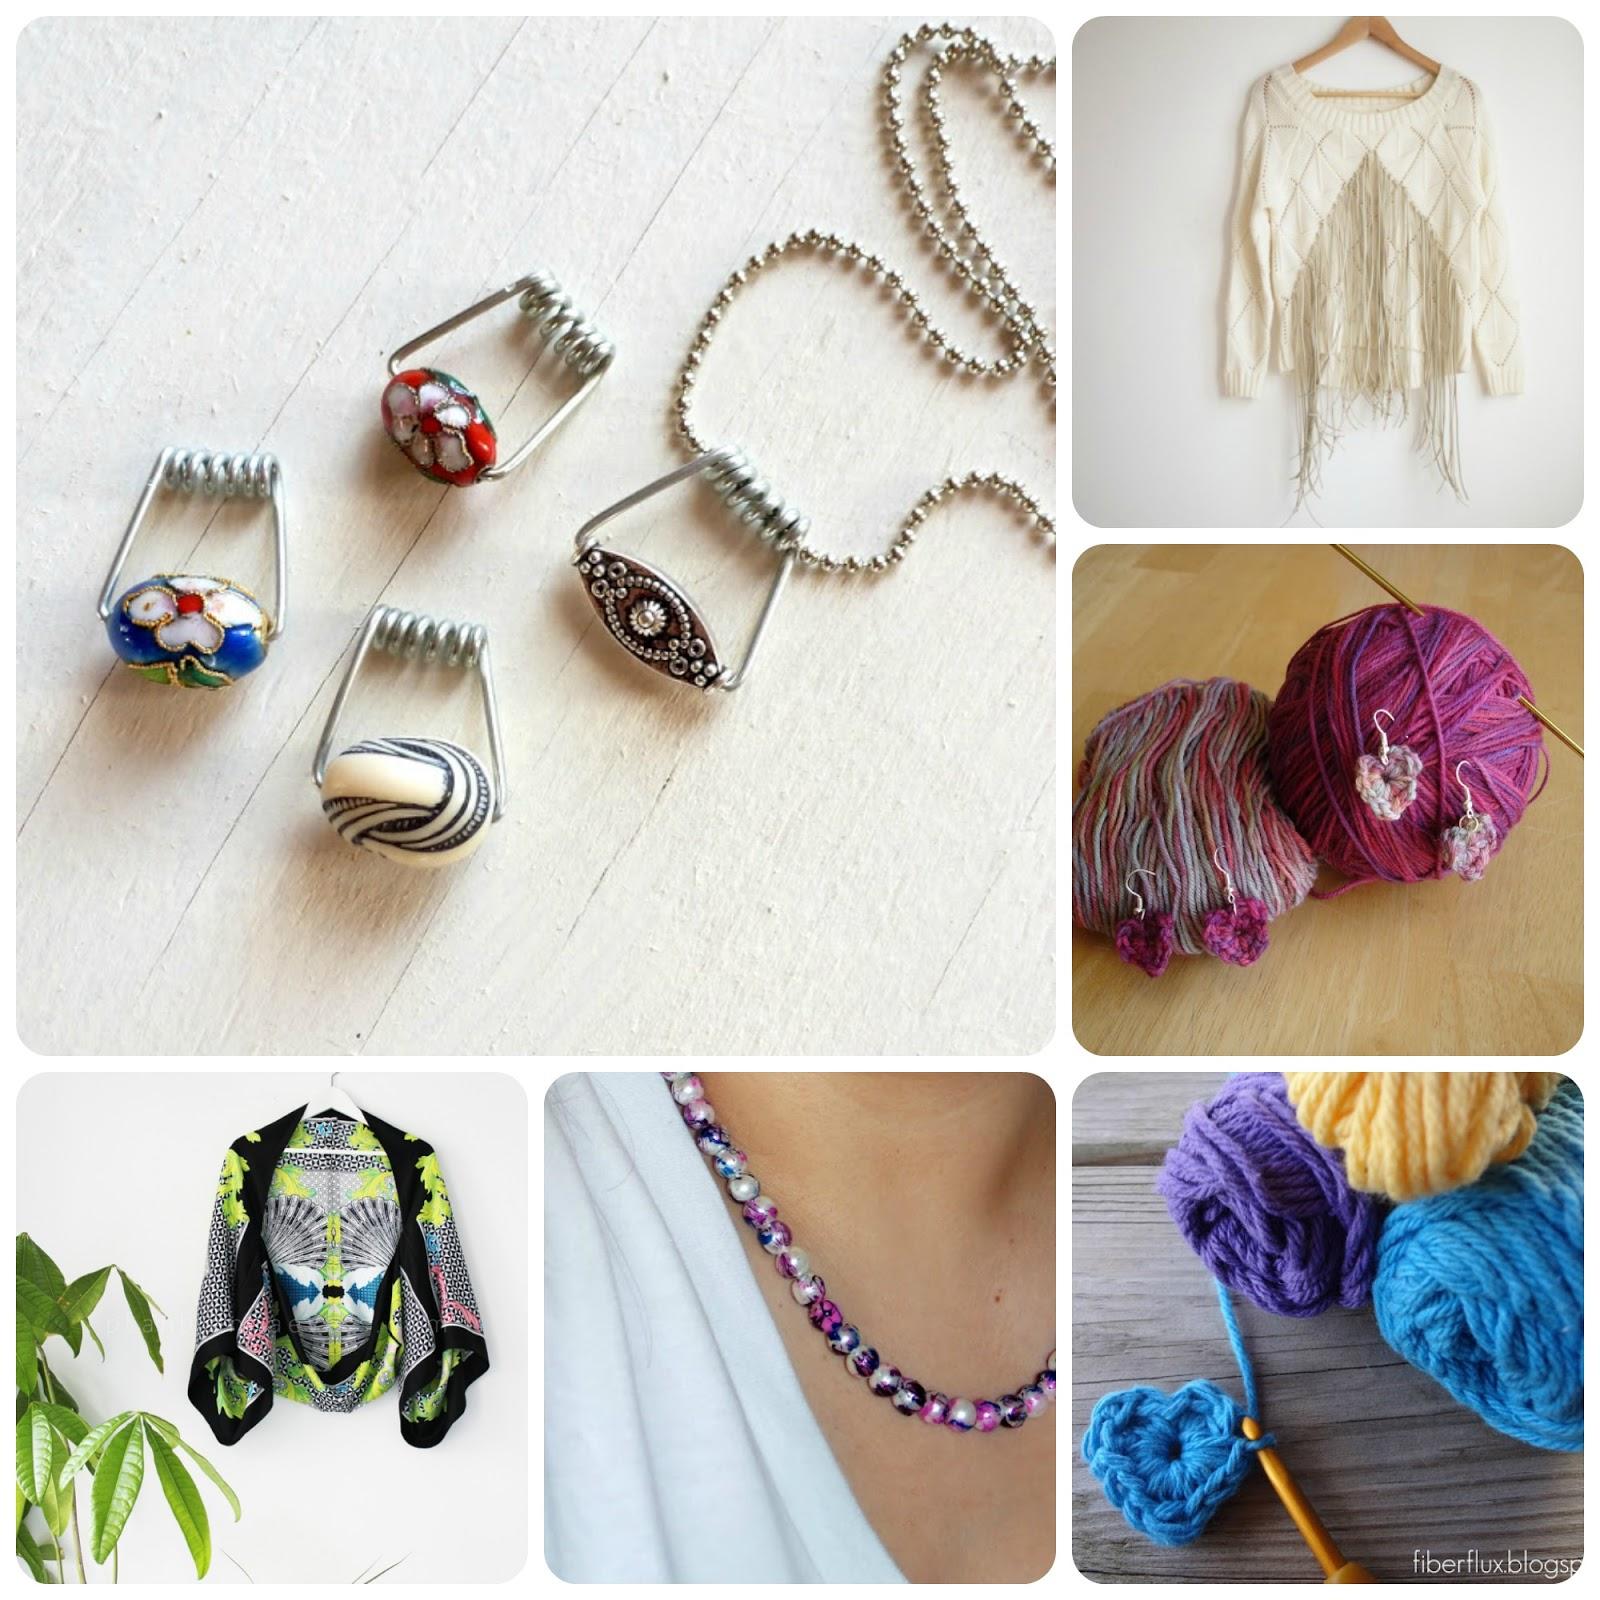 manualidades, diys, crochet, costura, bisutería